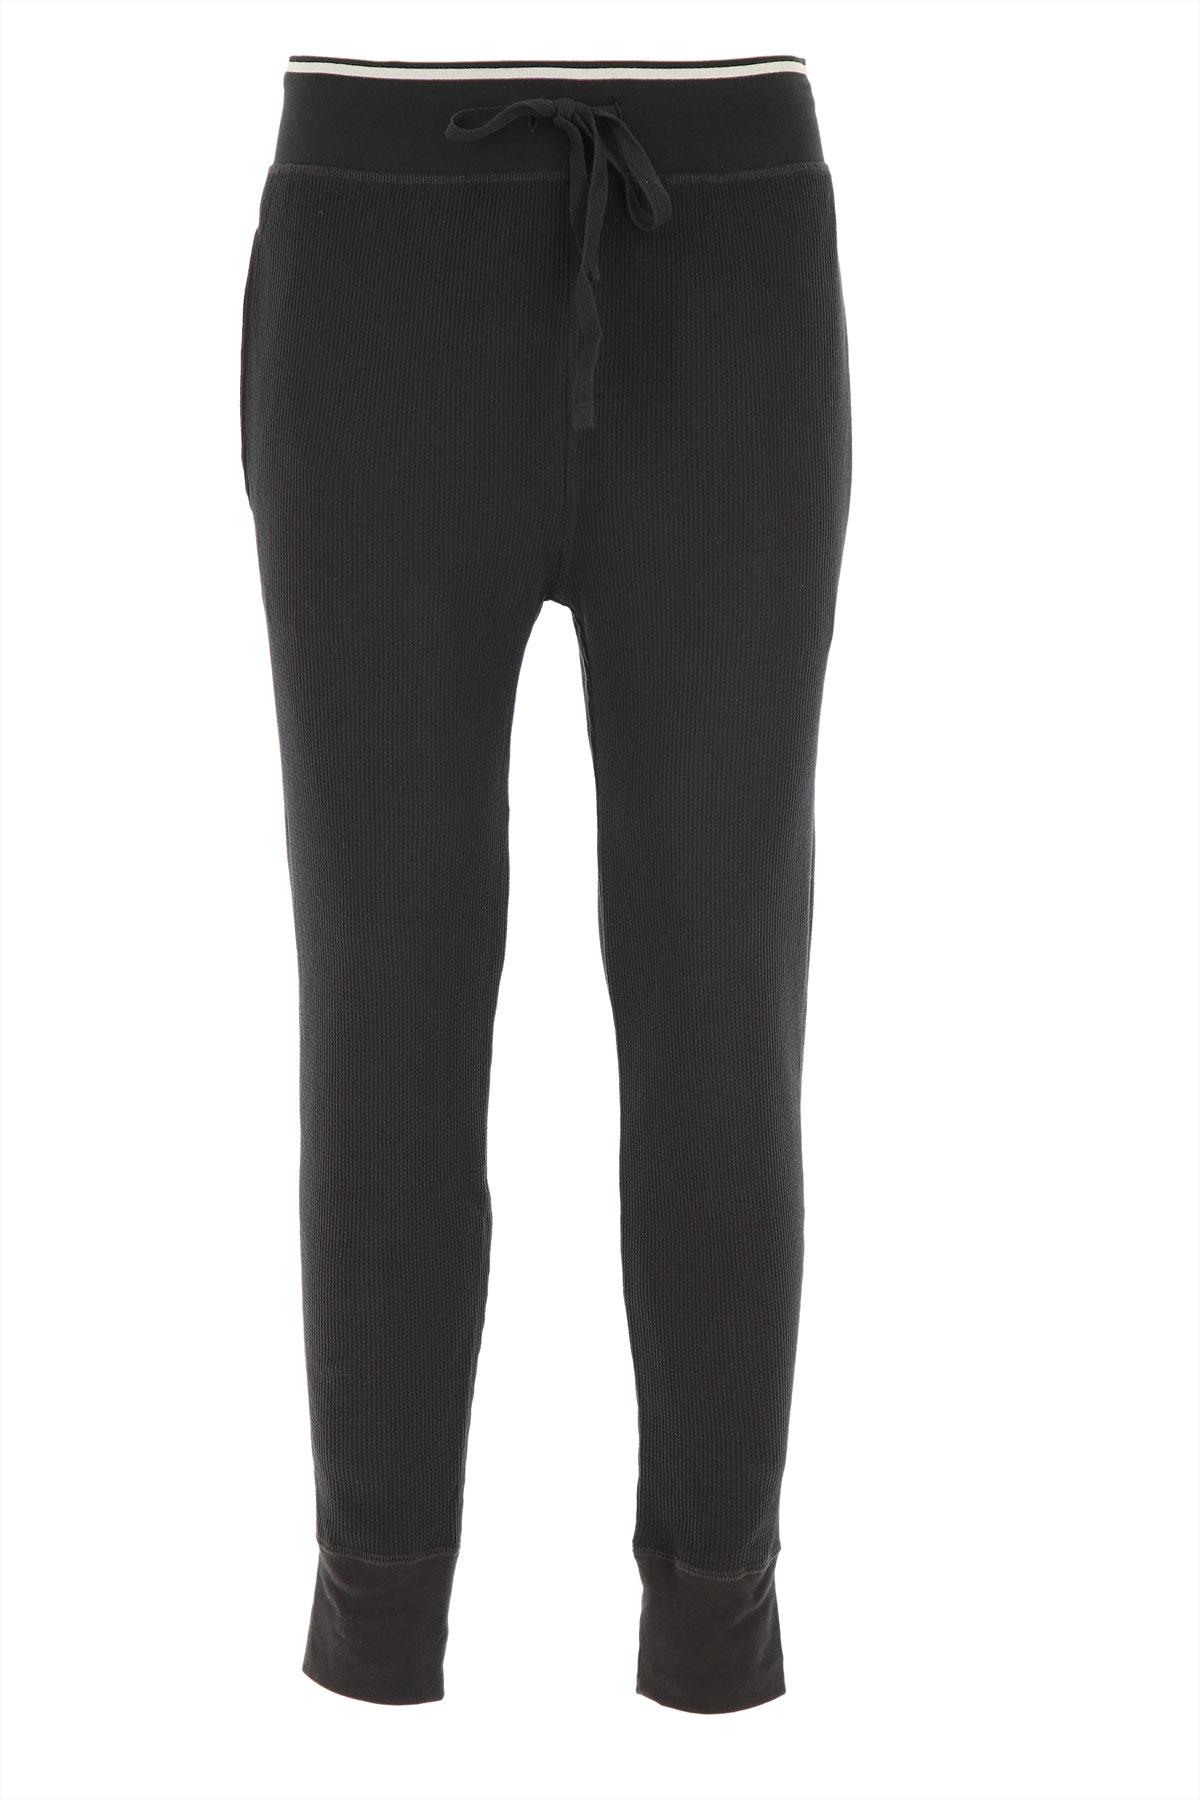 Ralph Lauren Loungewear for Men, Black, Cotton, 2019, XS (IT 2) S (IT 3) L (IT 5) XL (IT 6)